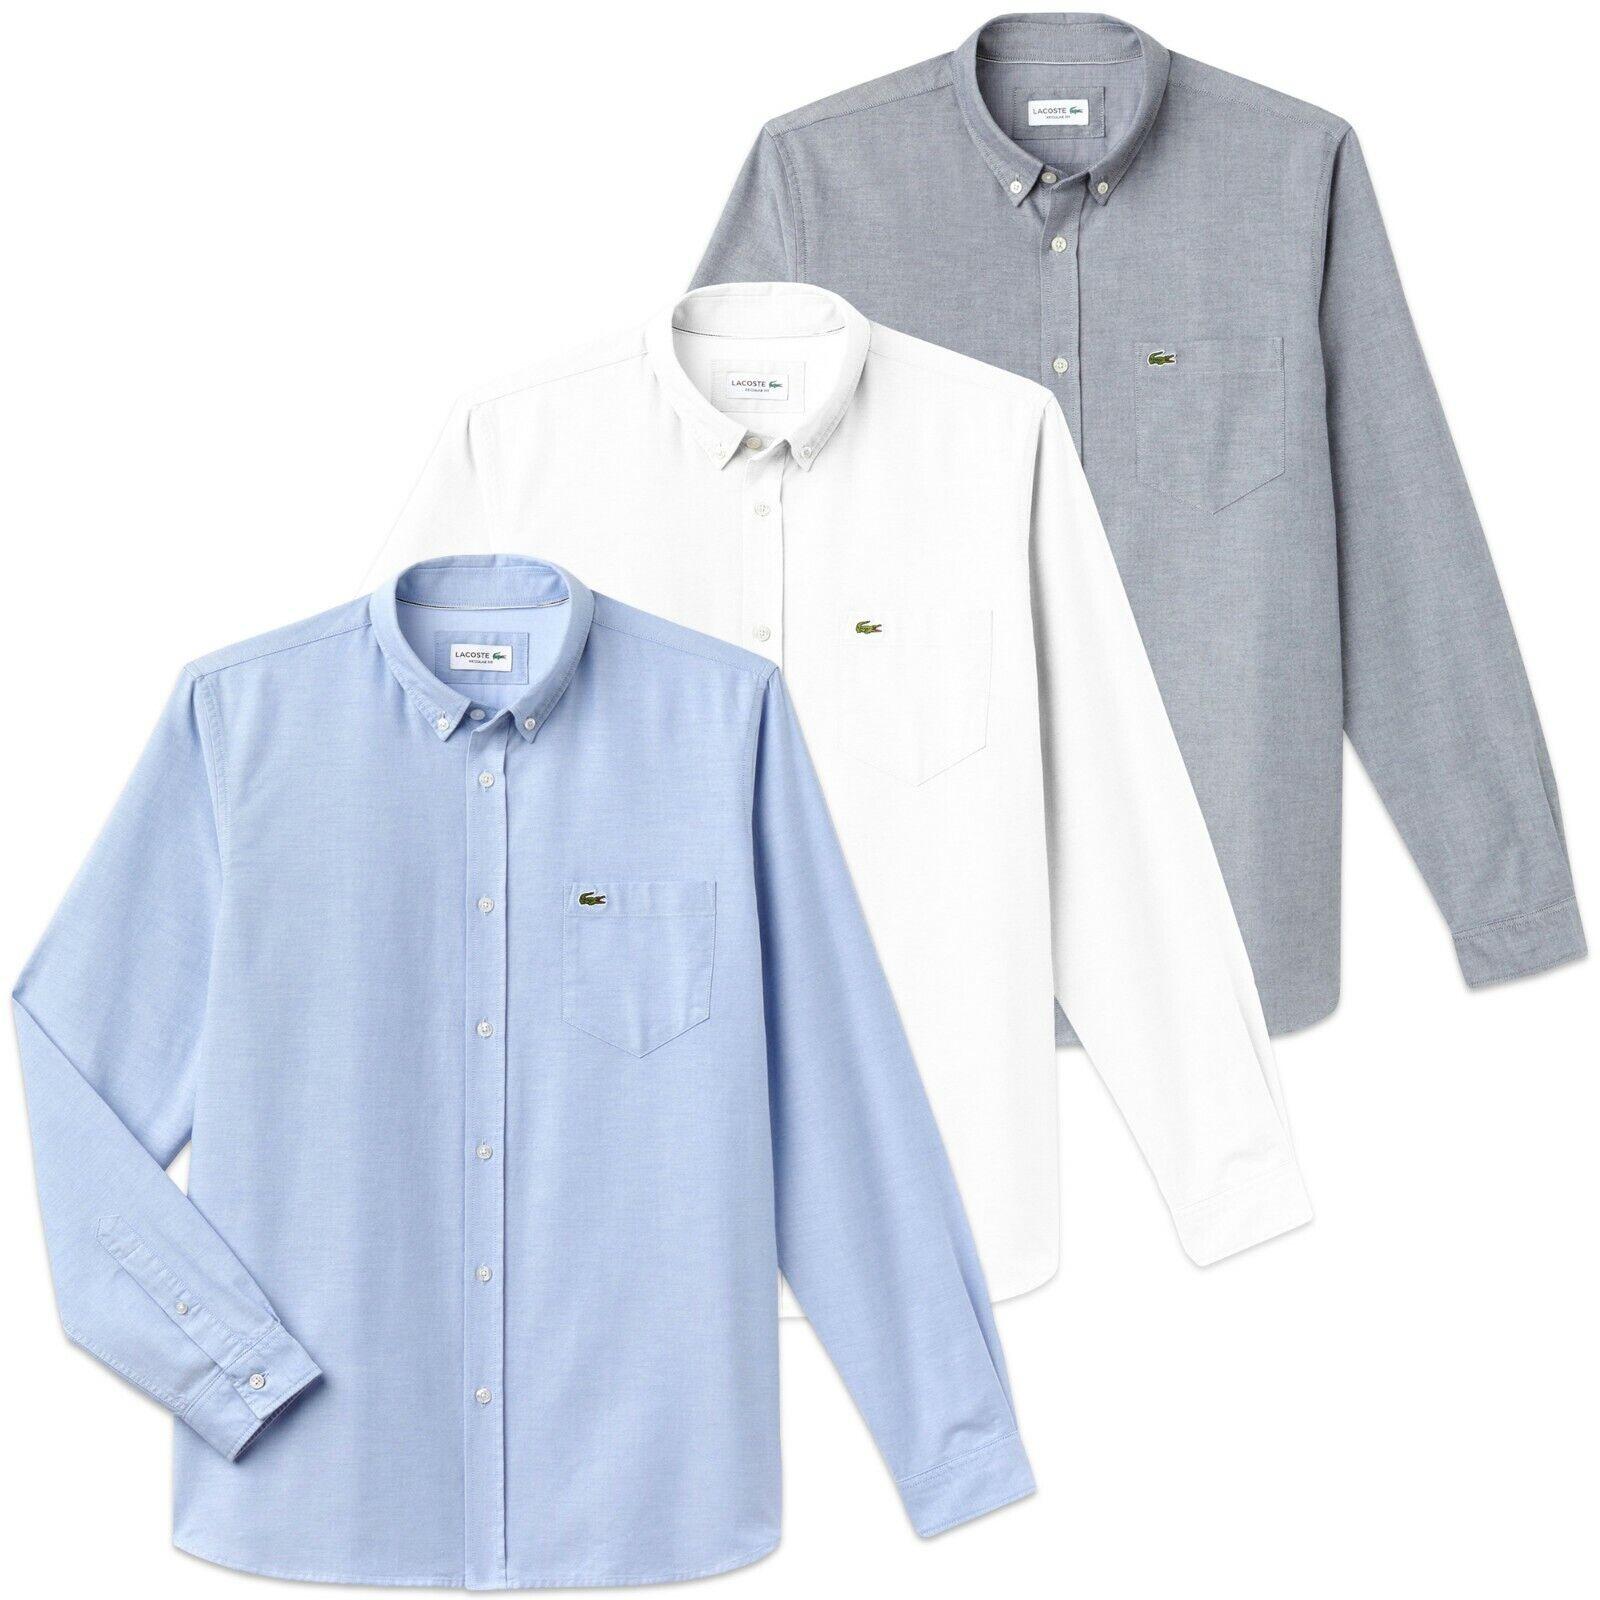 Lacoste Camicia - CH4976 Cotone Oxford - Navy,Bianco,Cielo - Nuovo con Etichetta